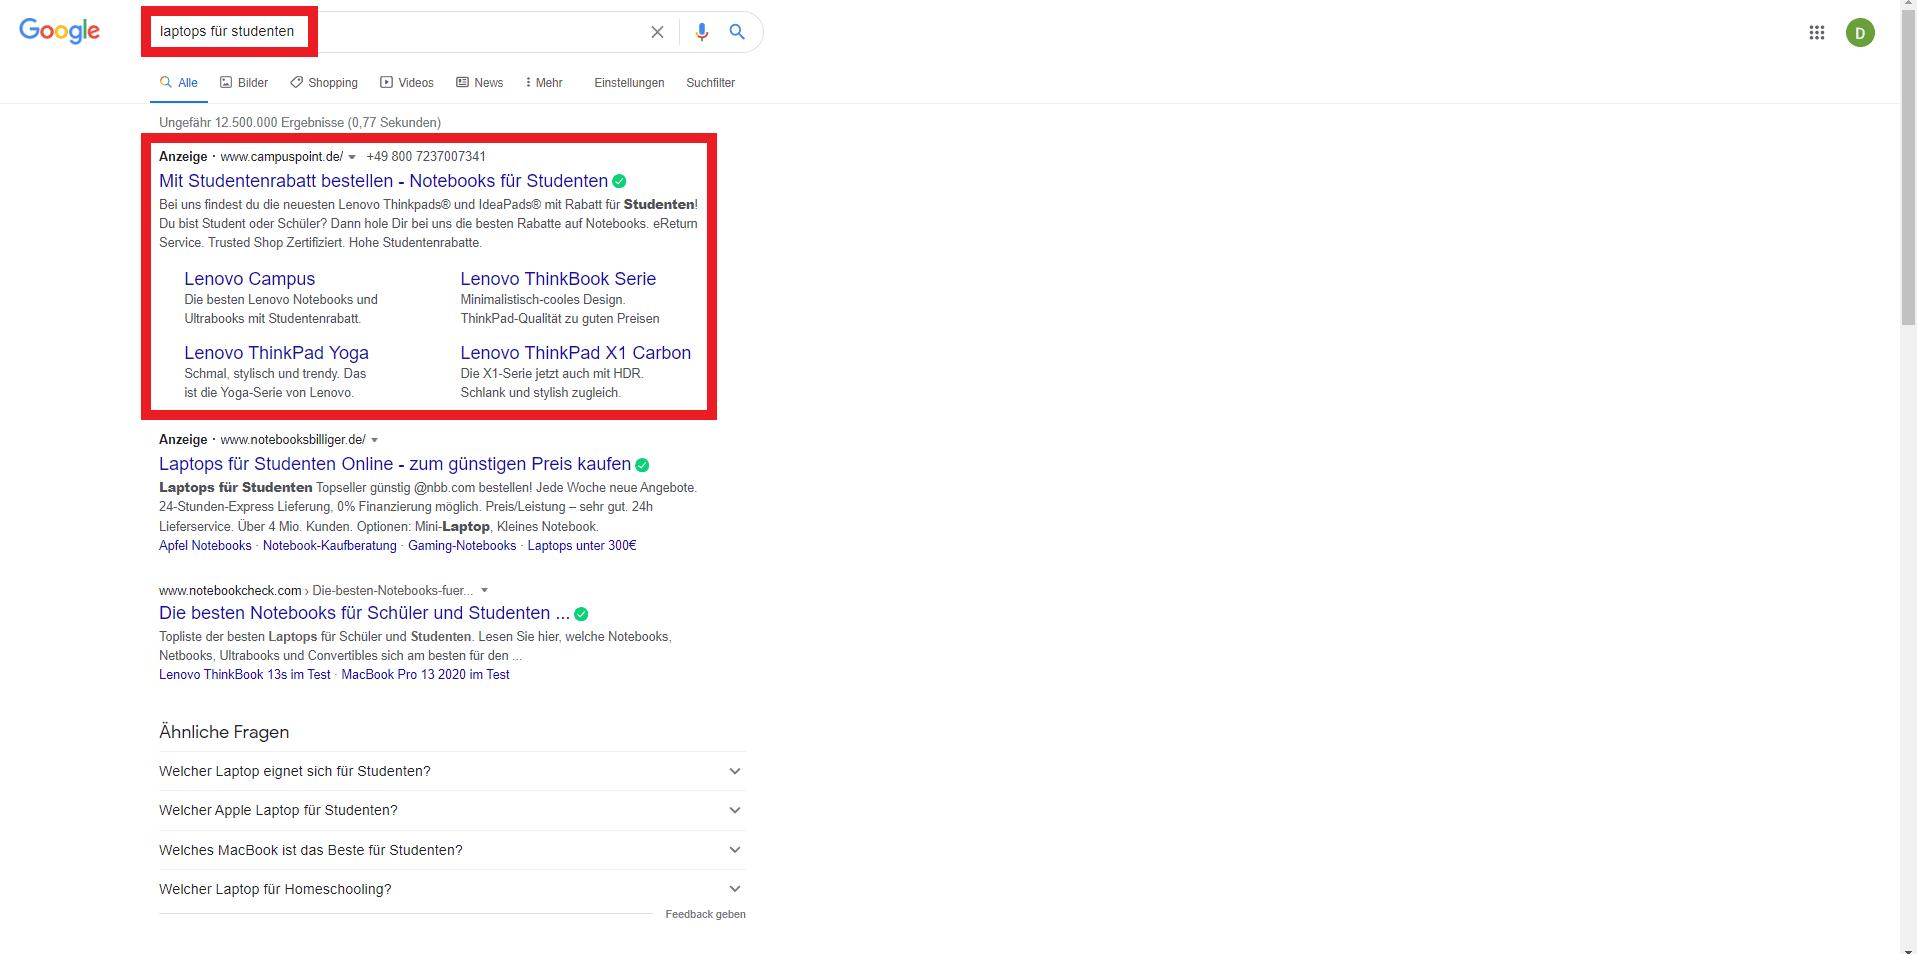 Verwende strategische Google-Ads